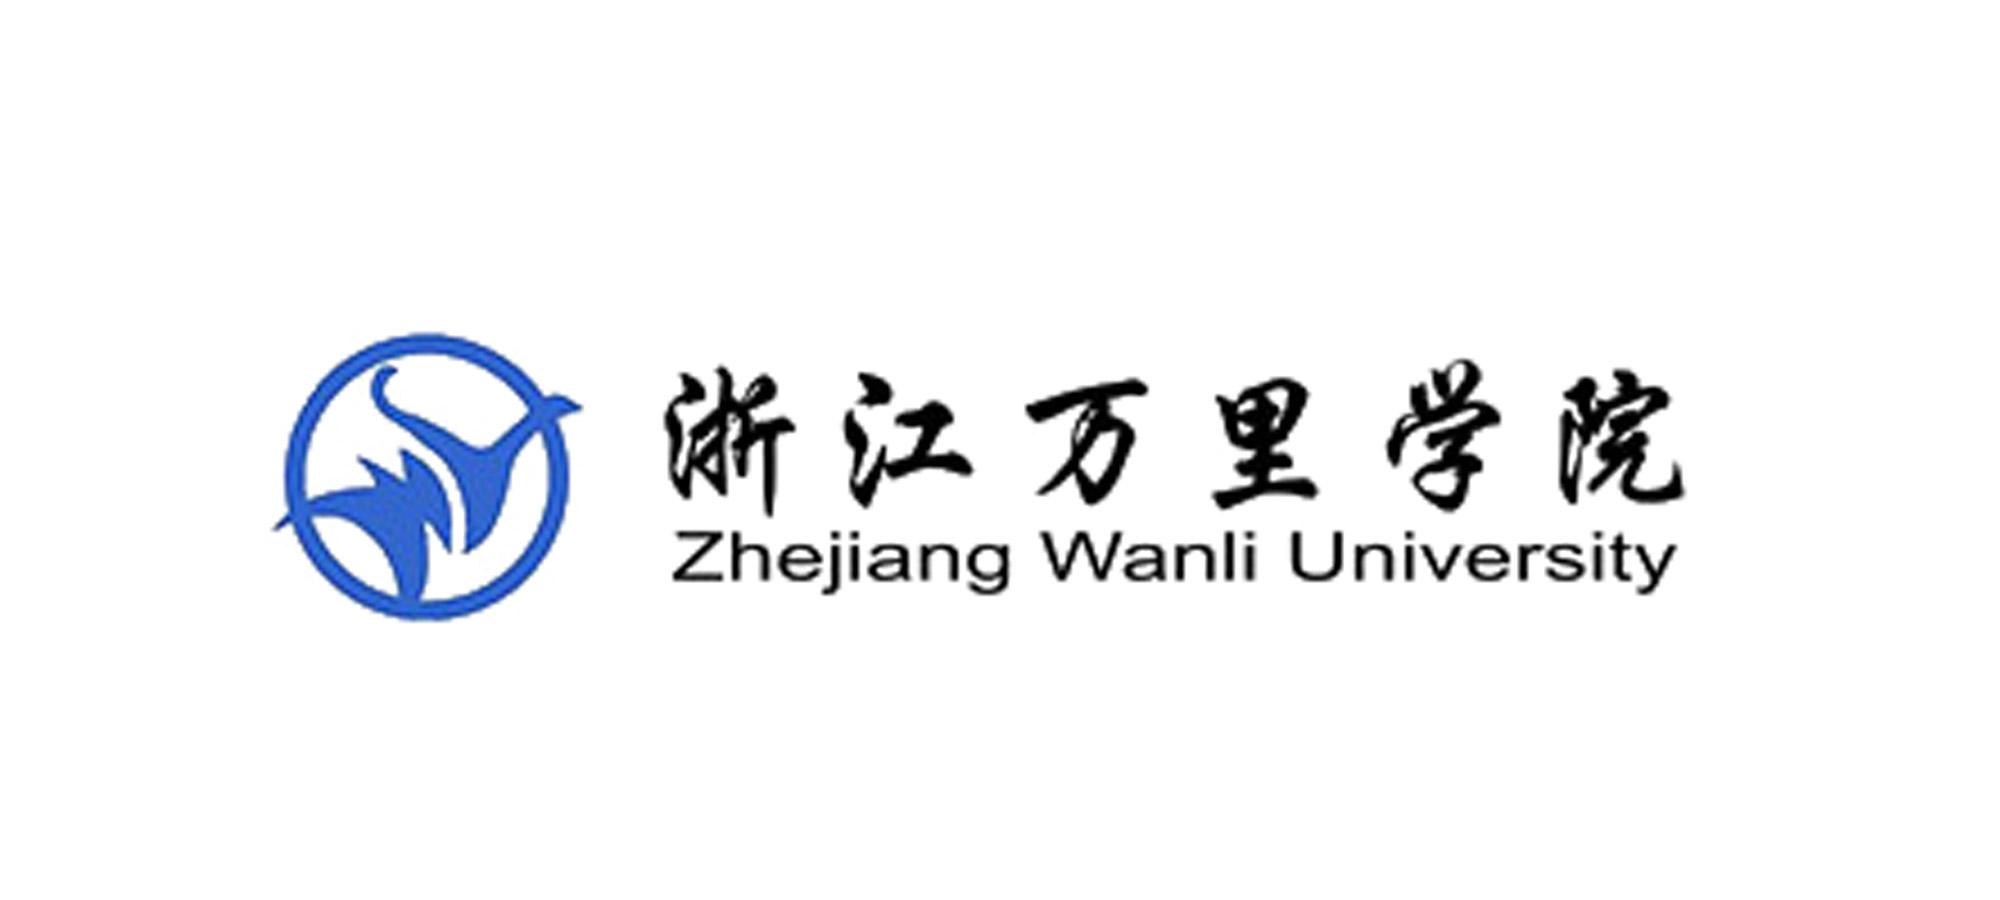 浙江万里学院